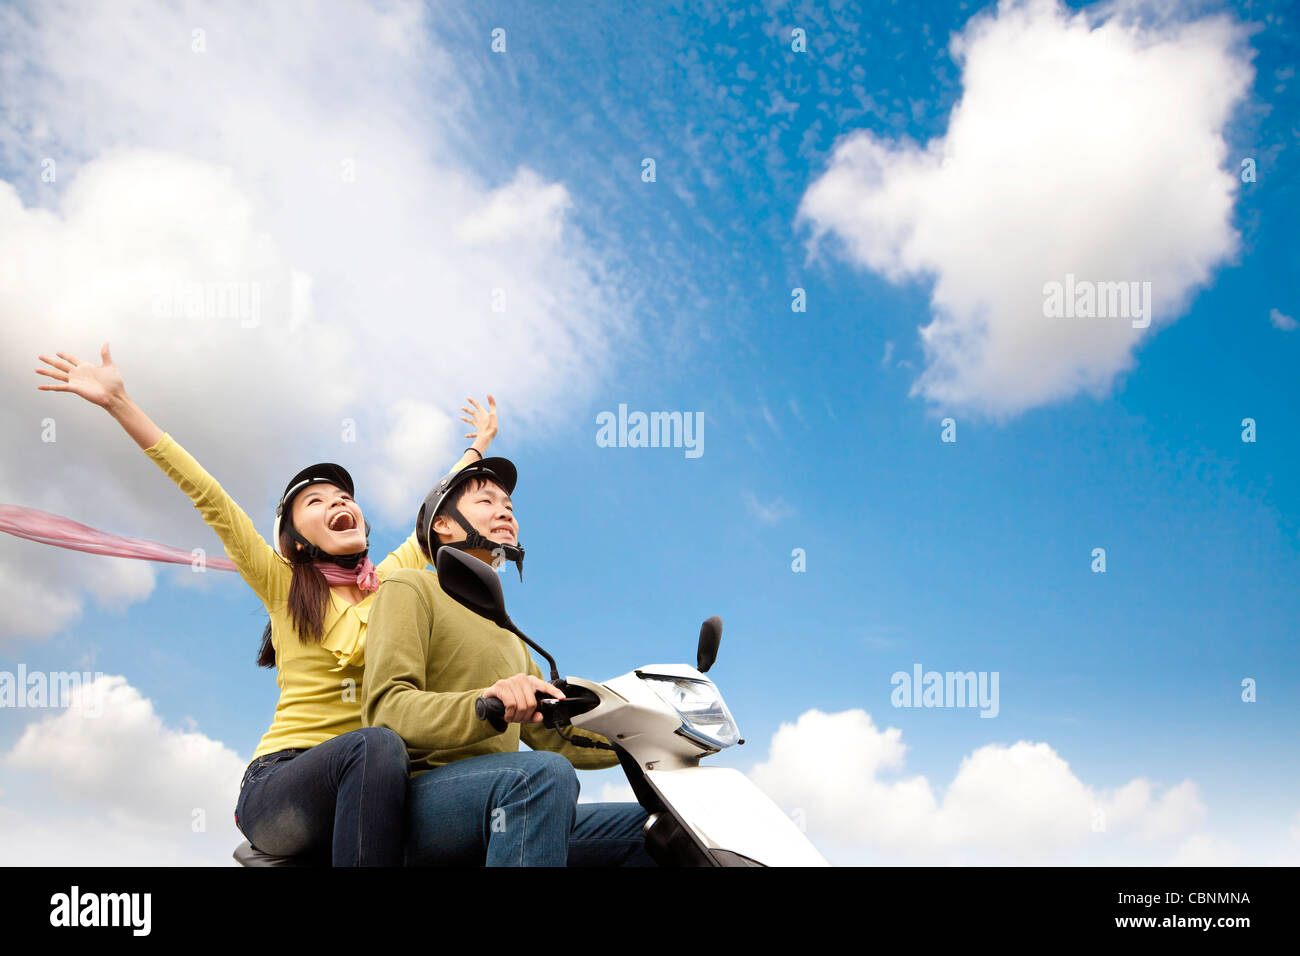 Feliz pareja joven divirtiéndose en un scooter Foto de stock